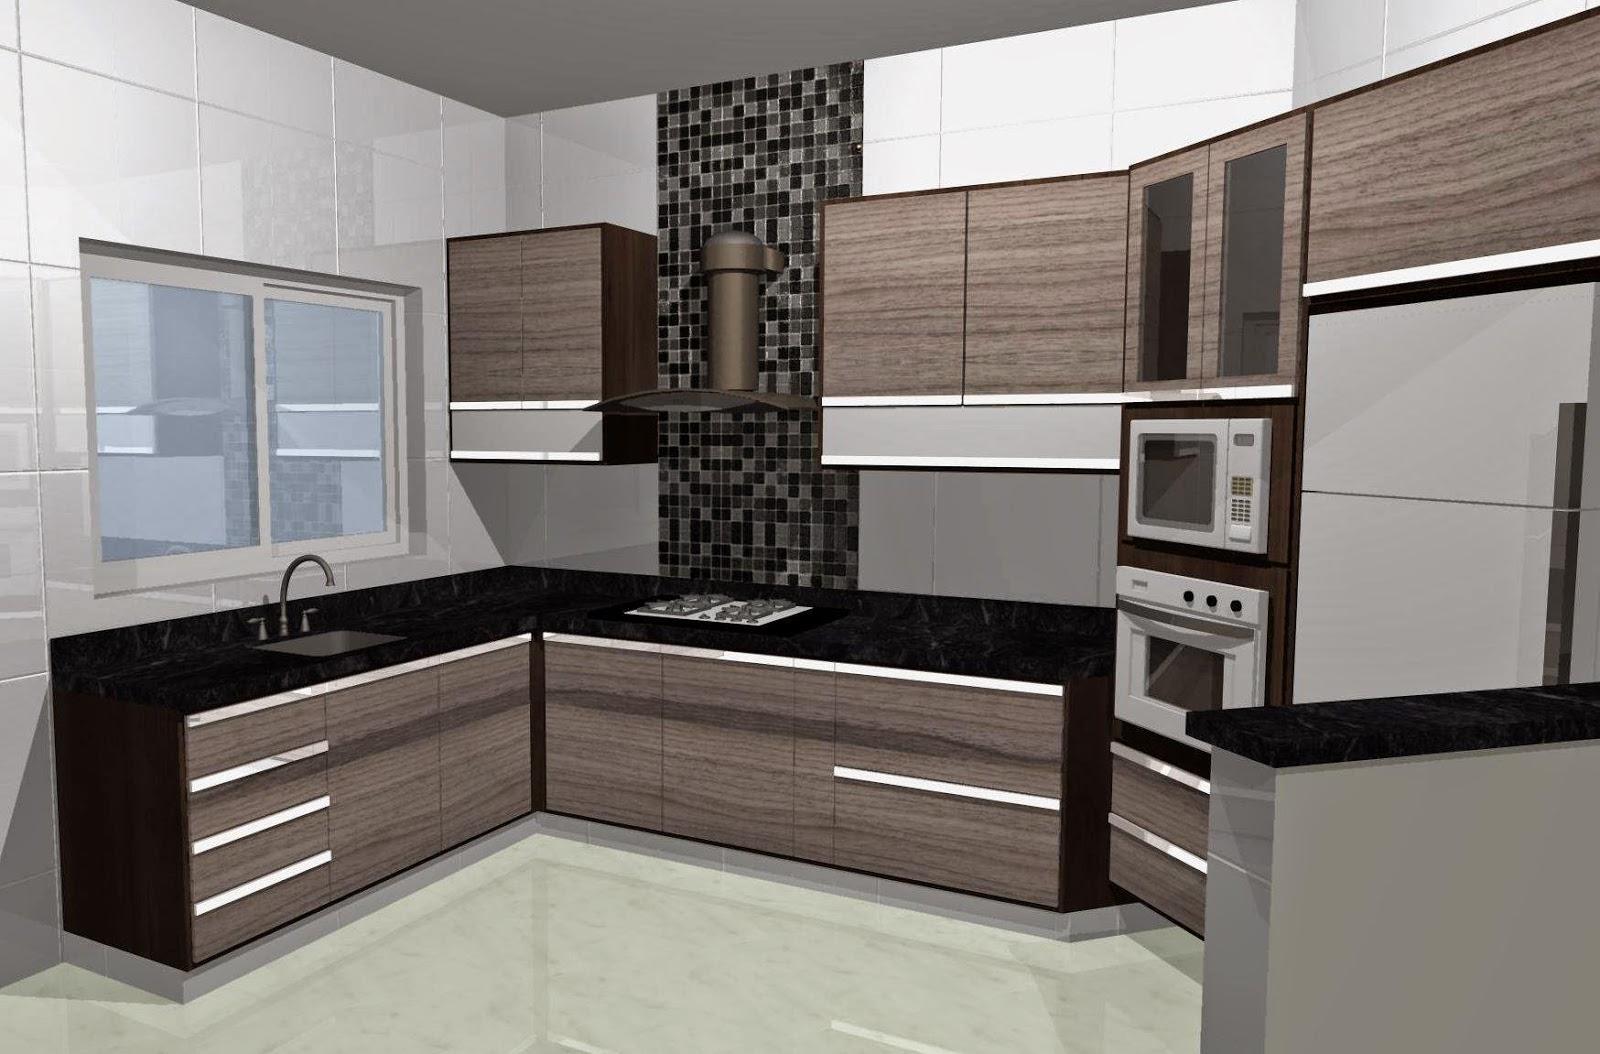 Projeto cozinha Planejada Atualizado #566275 1600 1054